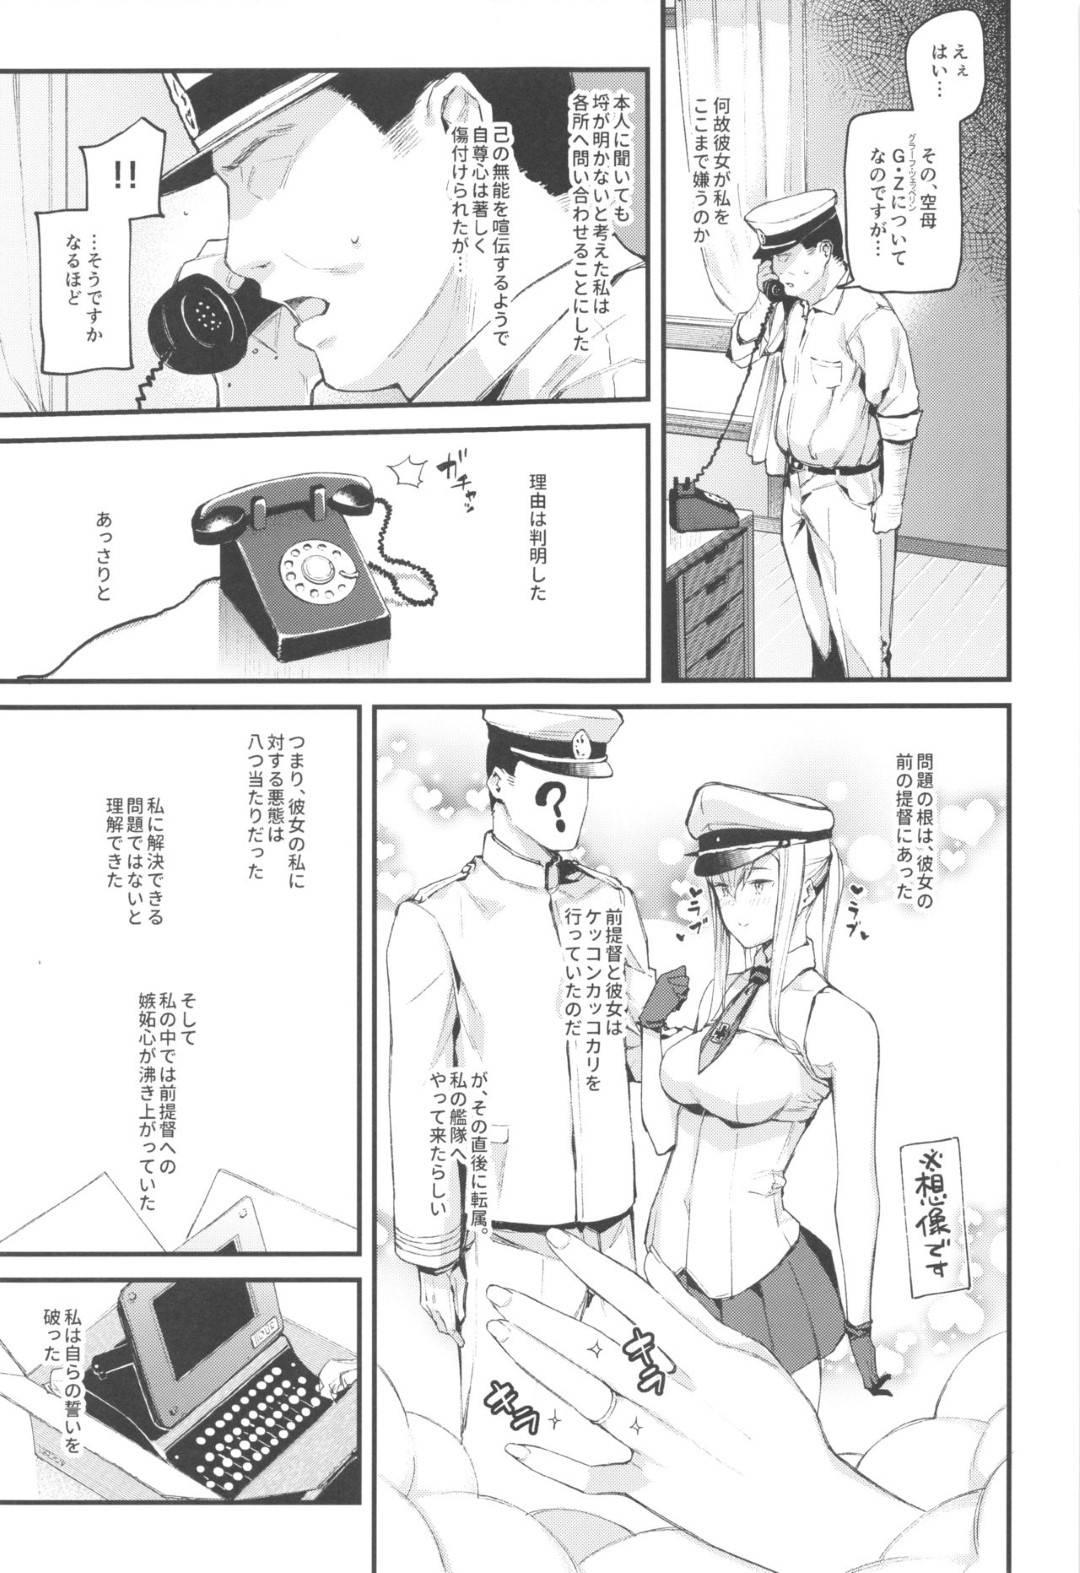 【艦これエロ漫画】結婚しているにも関わらず提督と不仲なグラーフ。しびれを切らした提督は彼女に常識改変の催眠をかけ、自らしゃぶるようにさせ、大量にぶっかけ射精する。そしてまた後日、エロ衣装に着替えさせて本番セックス。【東山エイト】